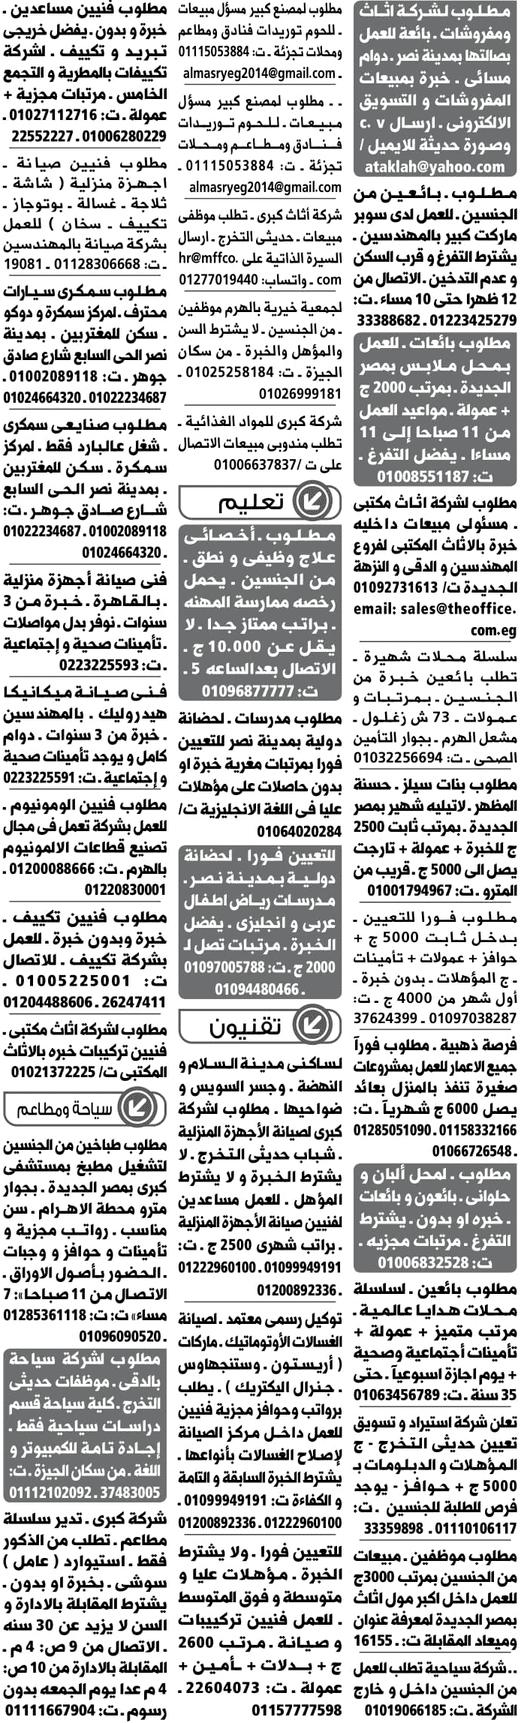 وظائف جريدة الوسيط مصر الأثنين 15/4/2019 7